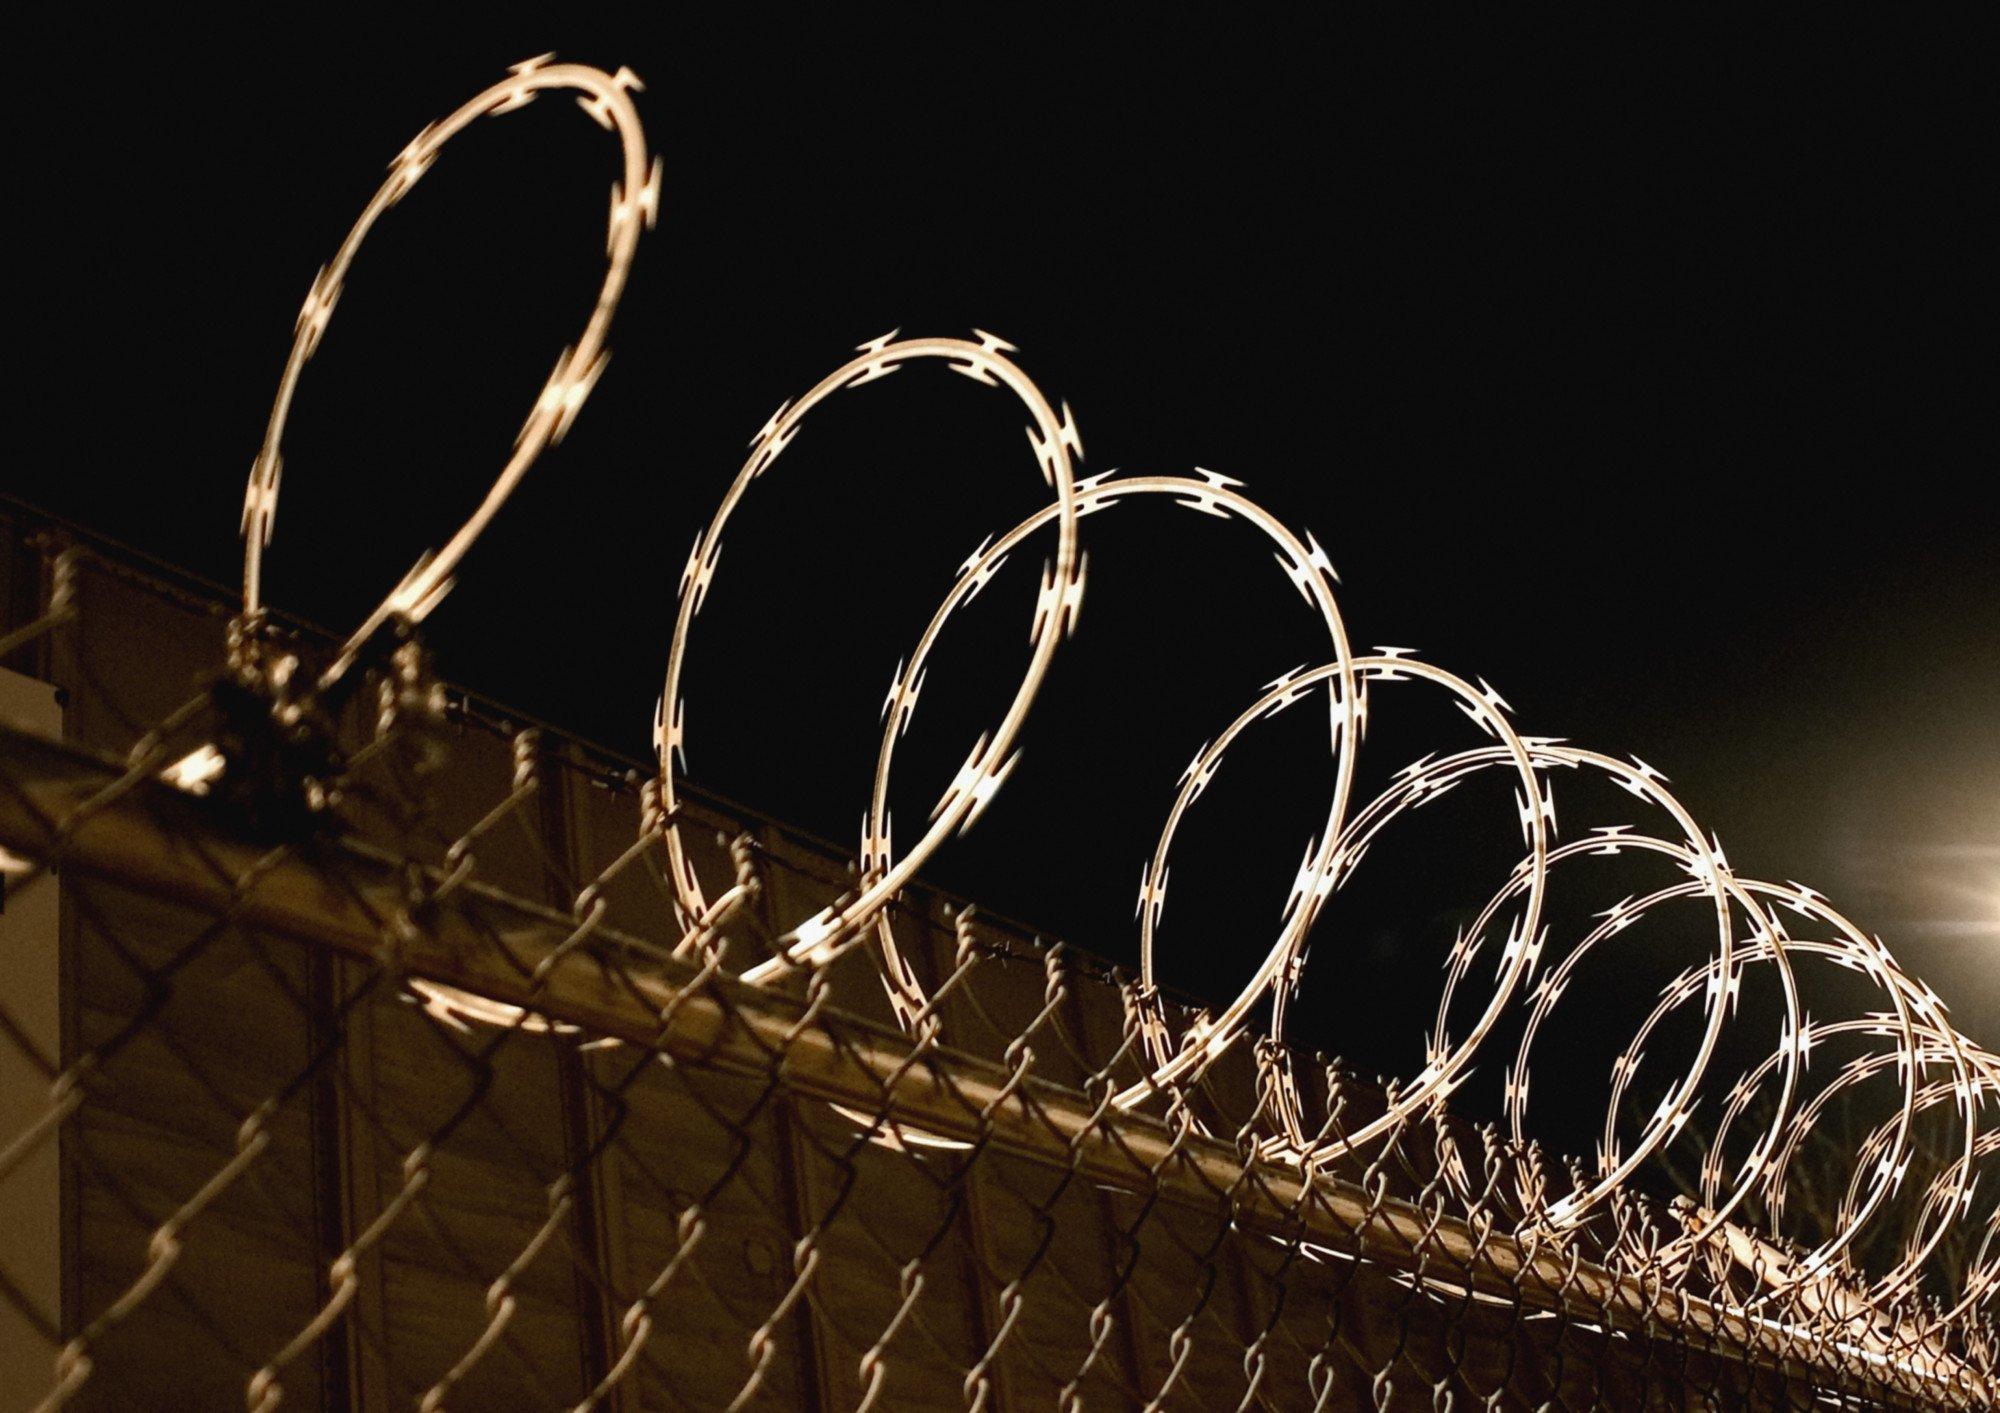 Necessárias reflexões sobre o endurecimento penal